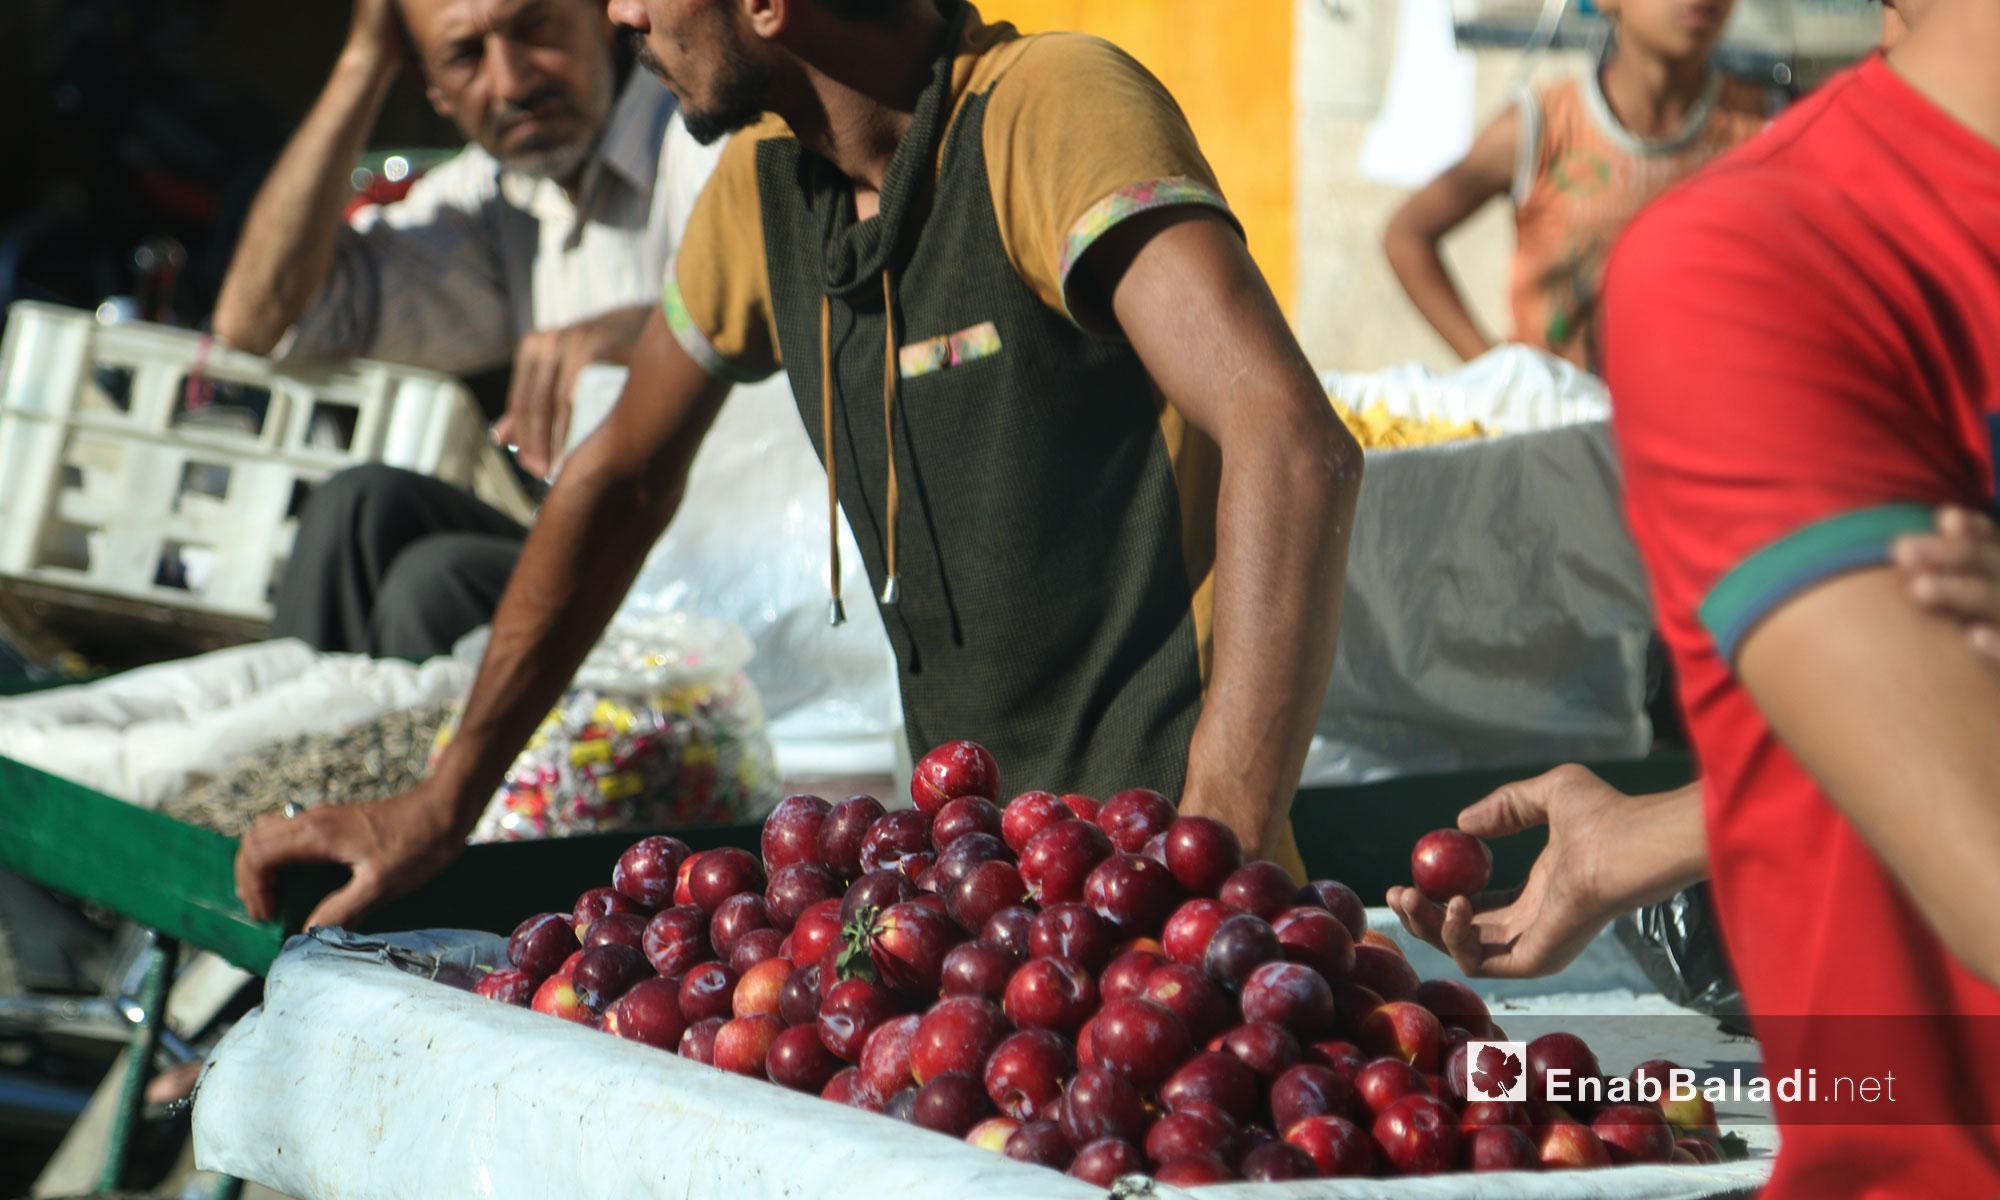 بائع فاكهة في بلدة سلقين بريف إدلب - 21 حزيران 2017 (عنب بلدي)